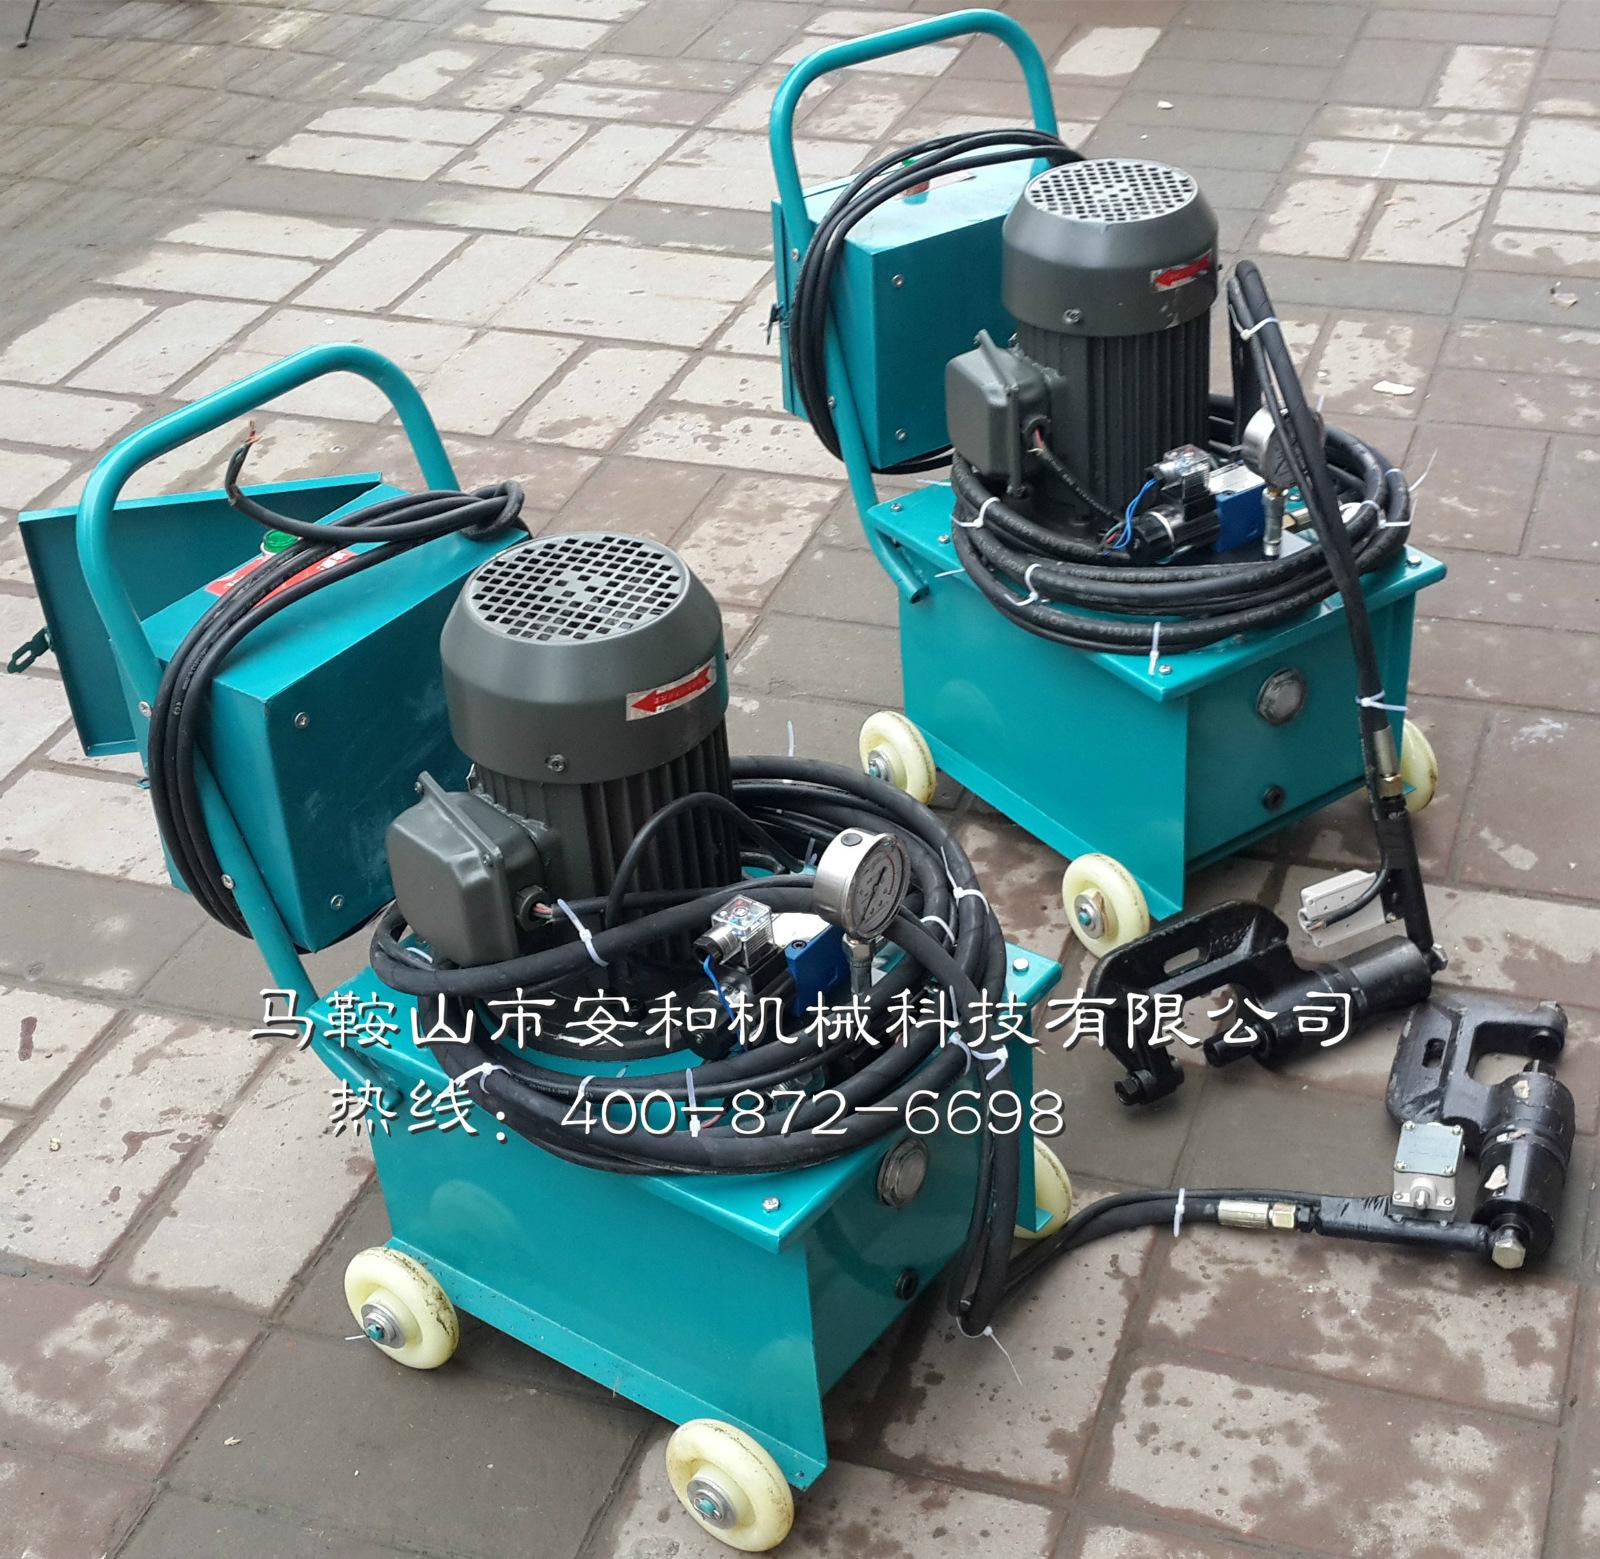 电动液压铆钉机 快速操作 人工速度的4倍 优质液压铆钉机图片